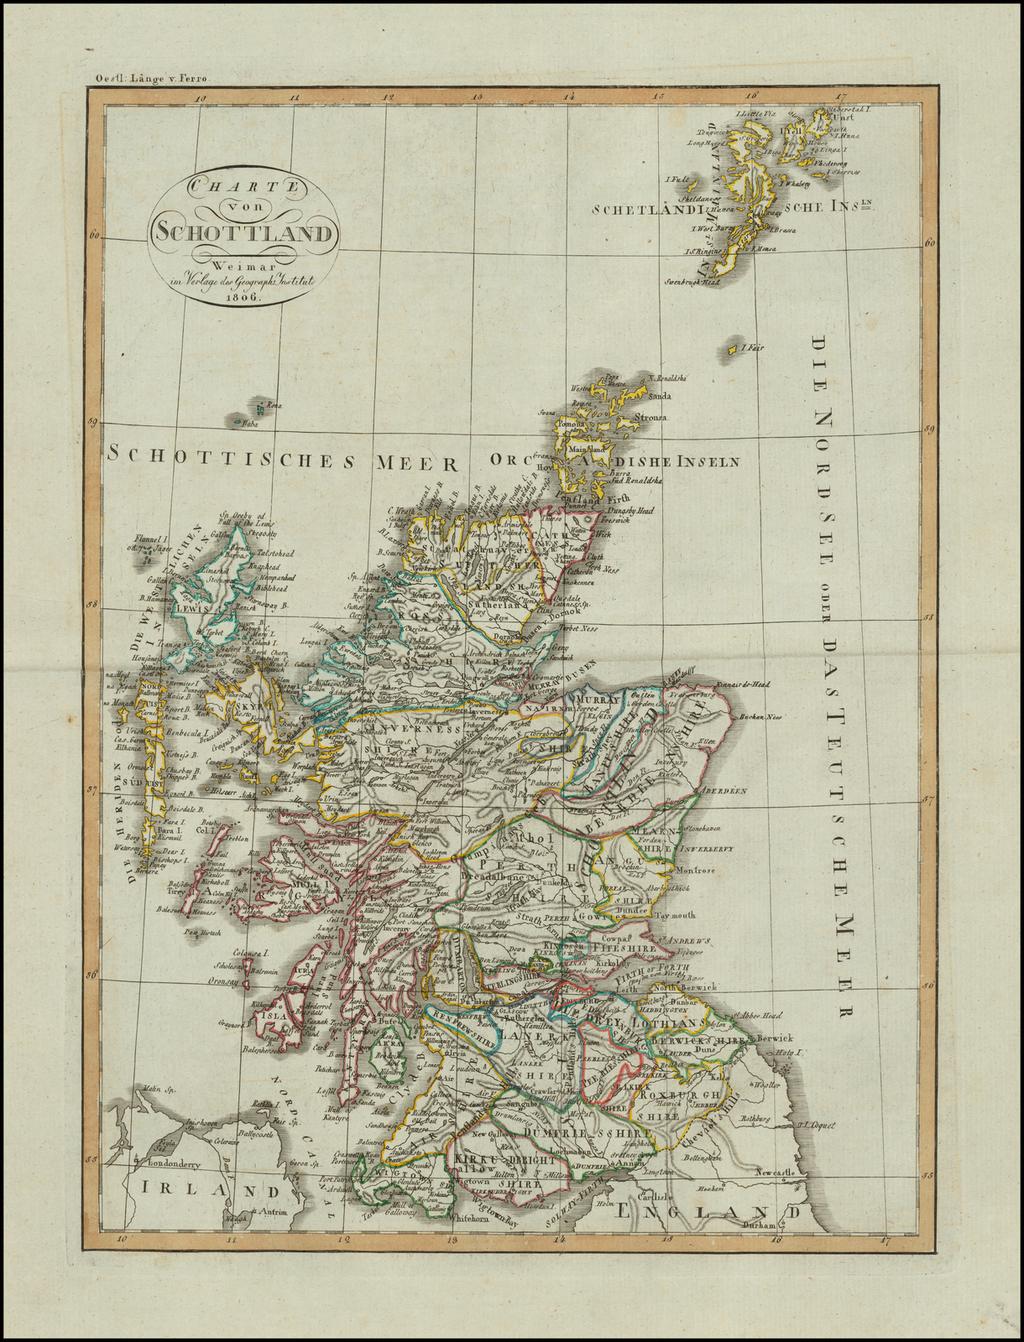 Charte von Schottland . . . 1806 By Weimar Geographische Institut